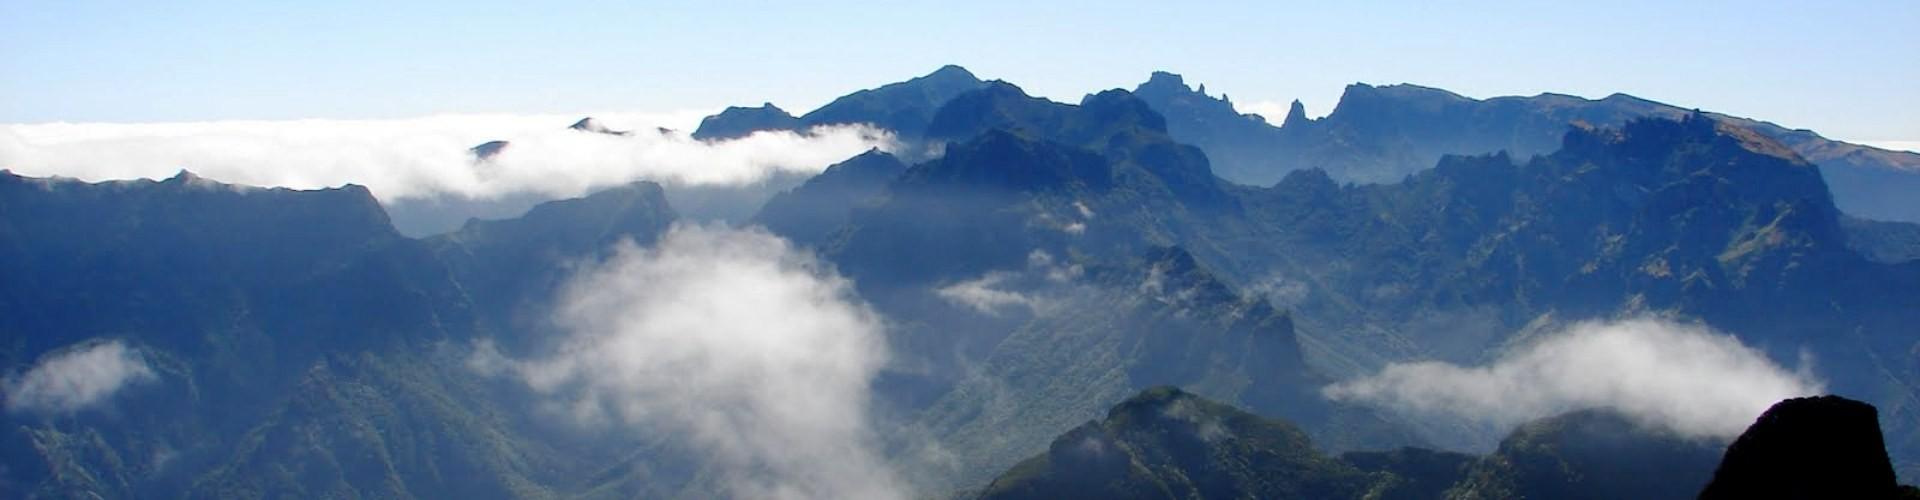 Bica da Cana Viewpoint in Paul da Serra, Madeira Island